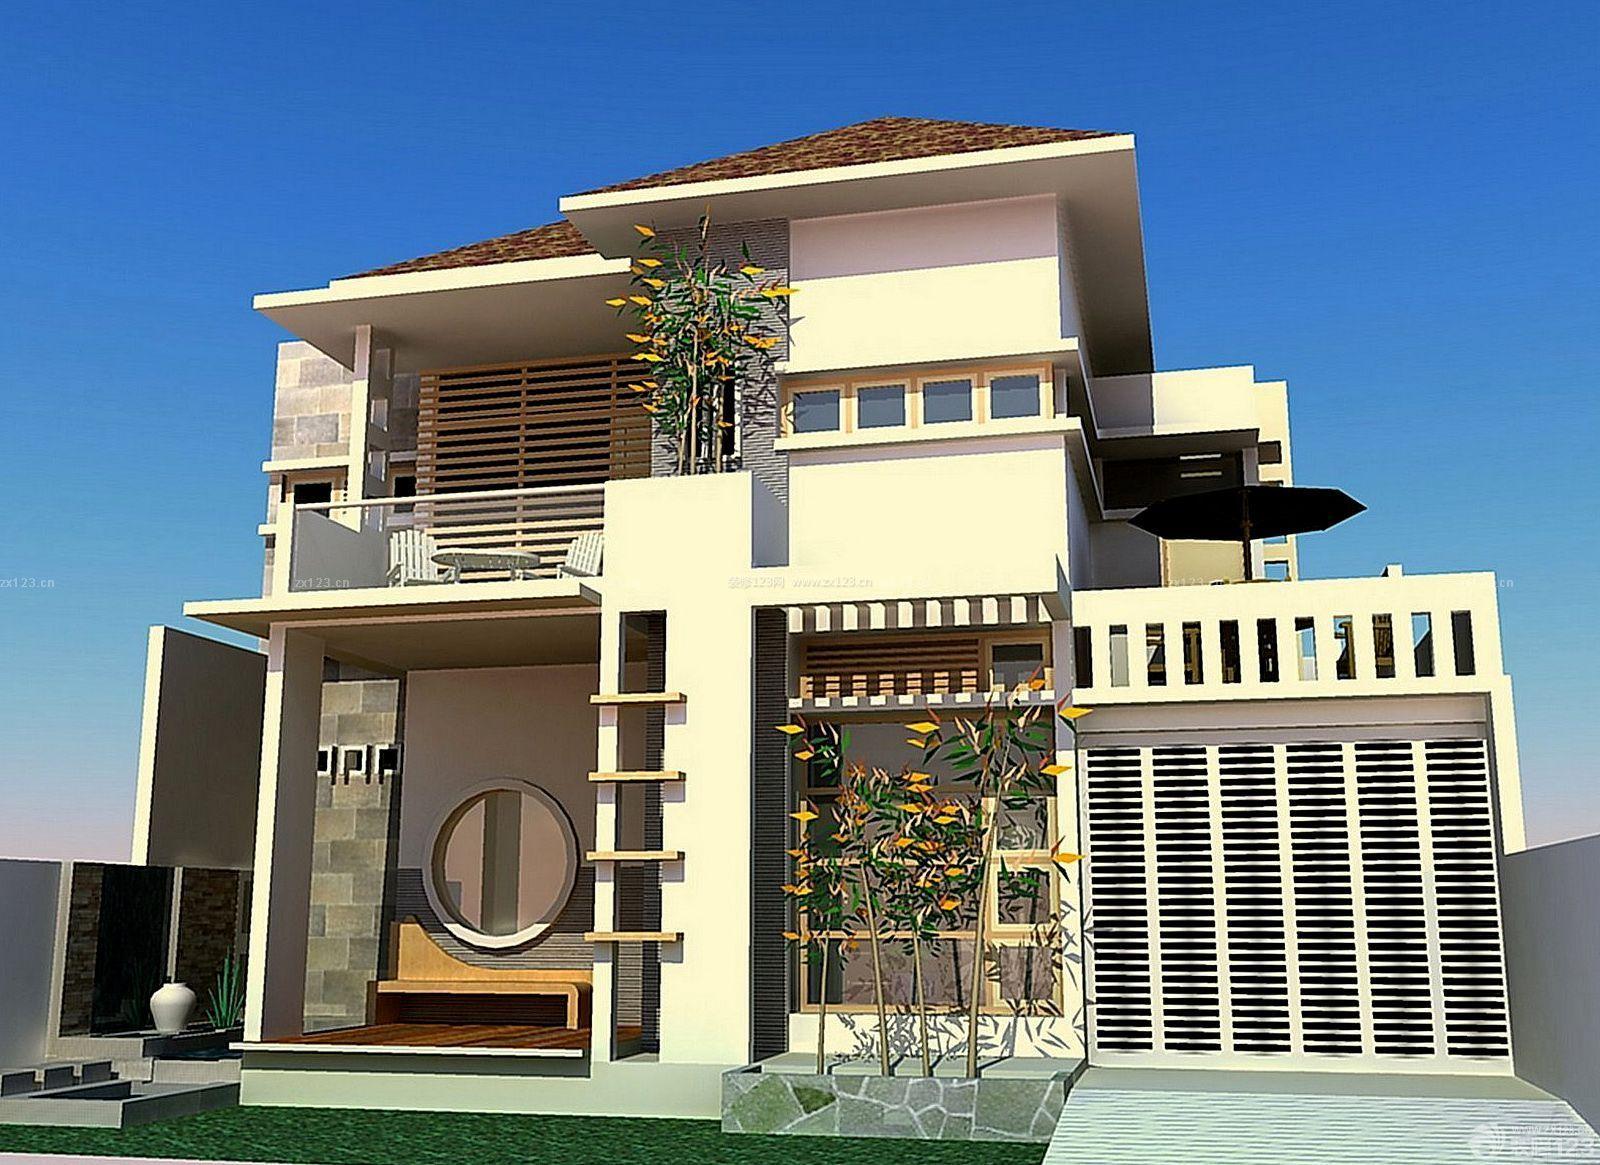 一层小别墅室内平面设计图展示